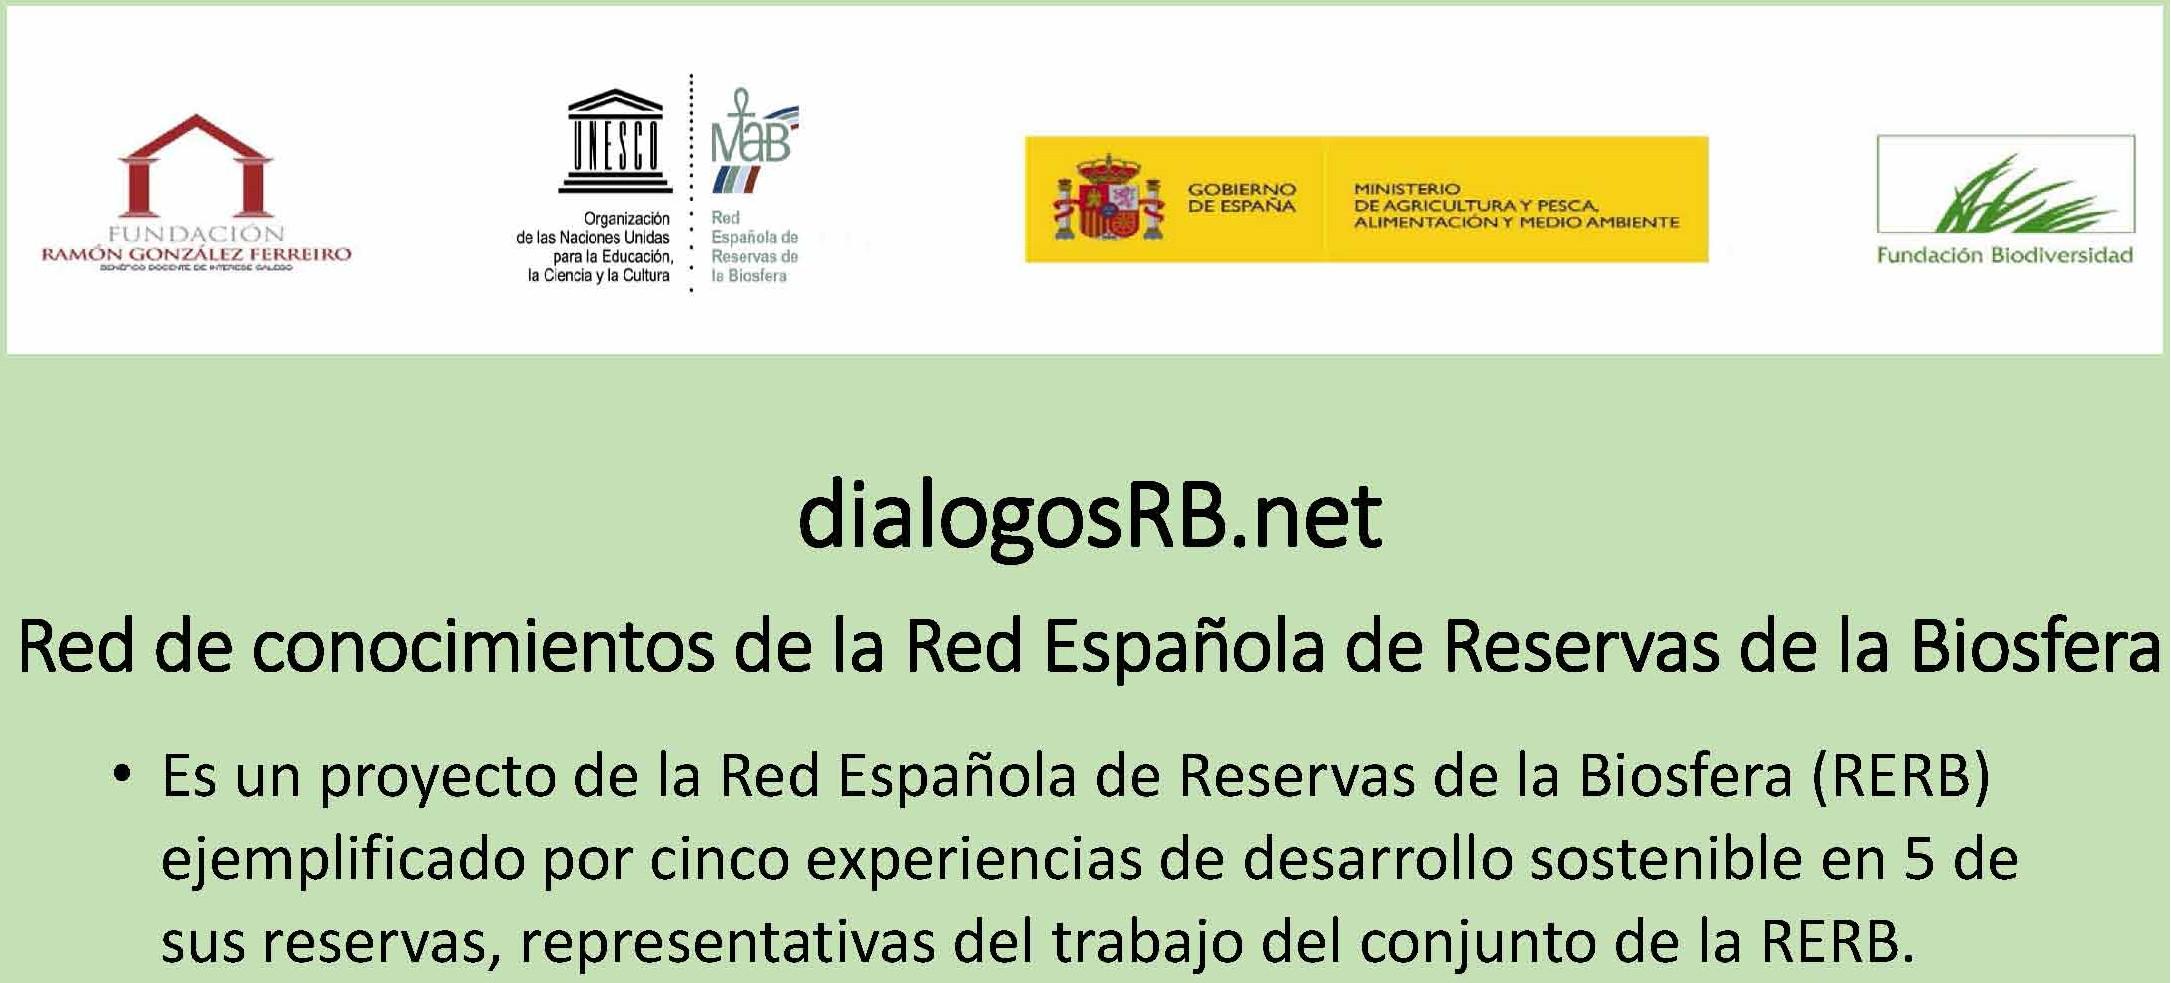 dialogosRB